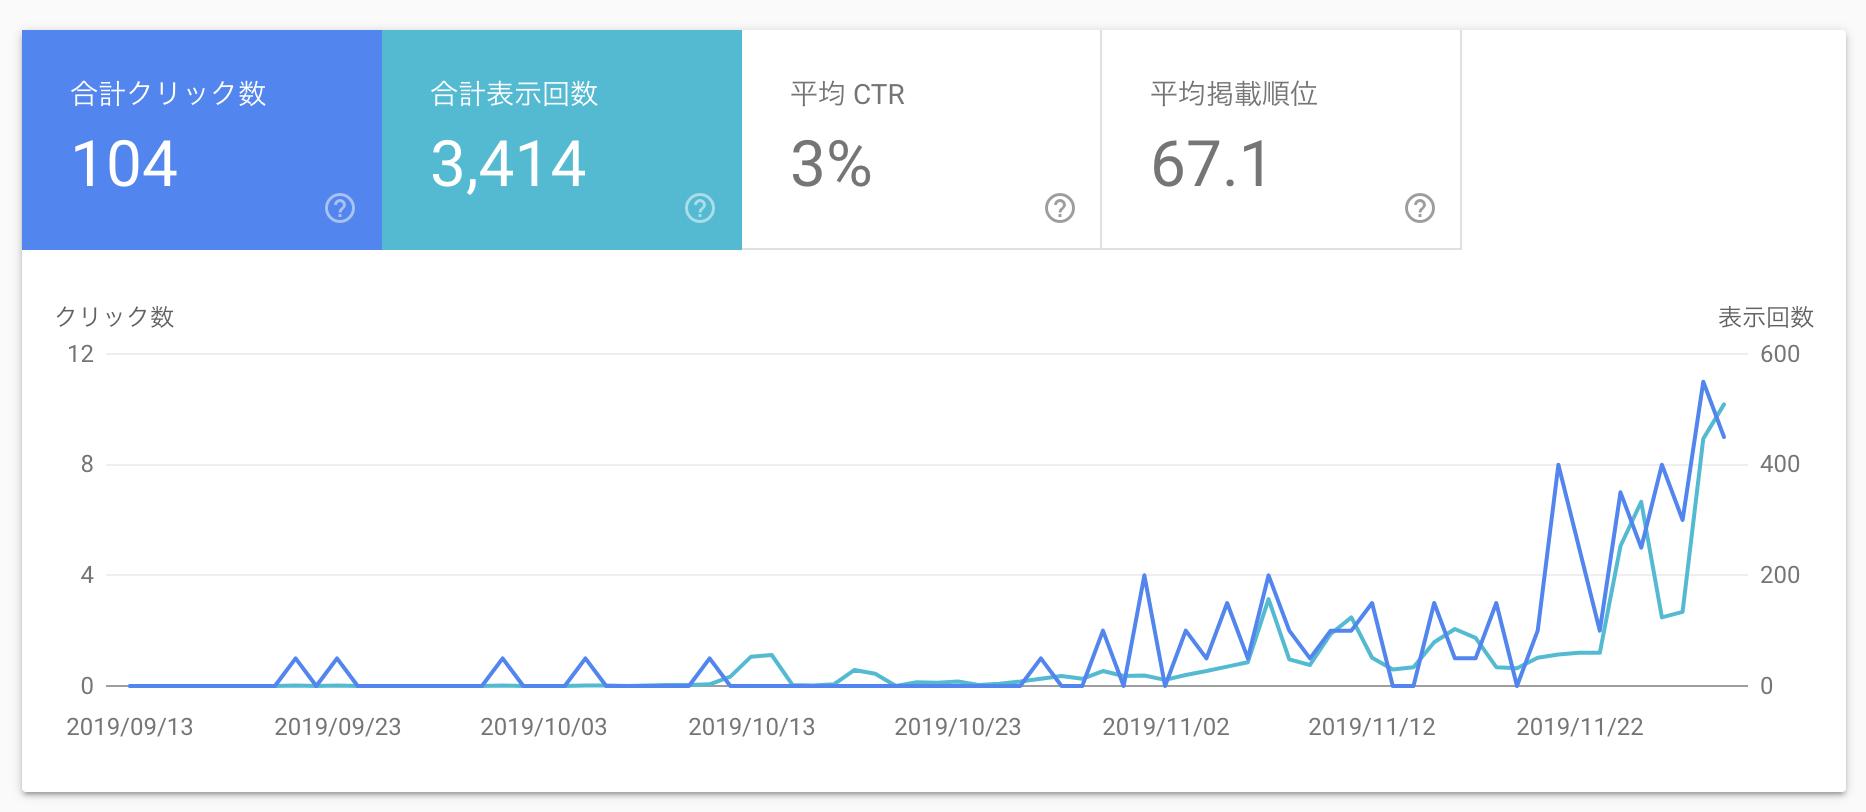 Googleサーチコンソールをみると徐々に数字は伸びてきている